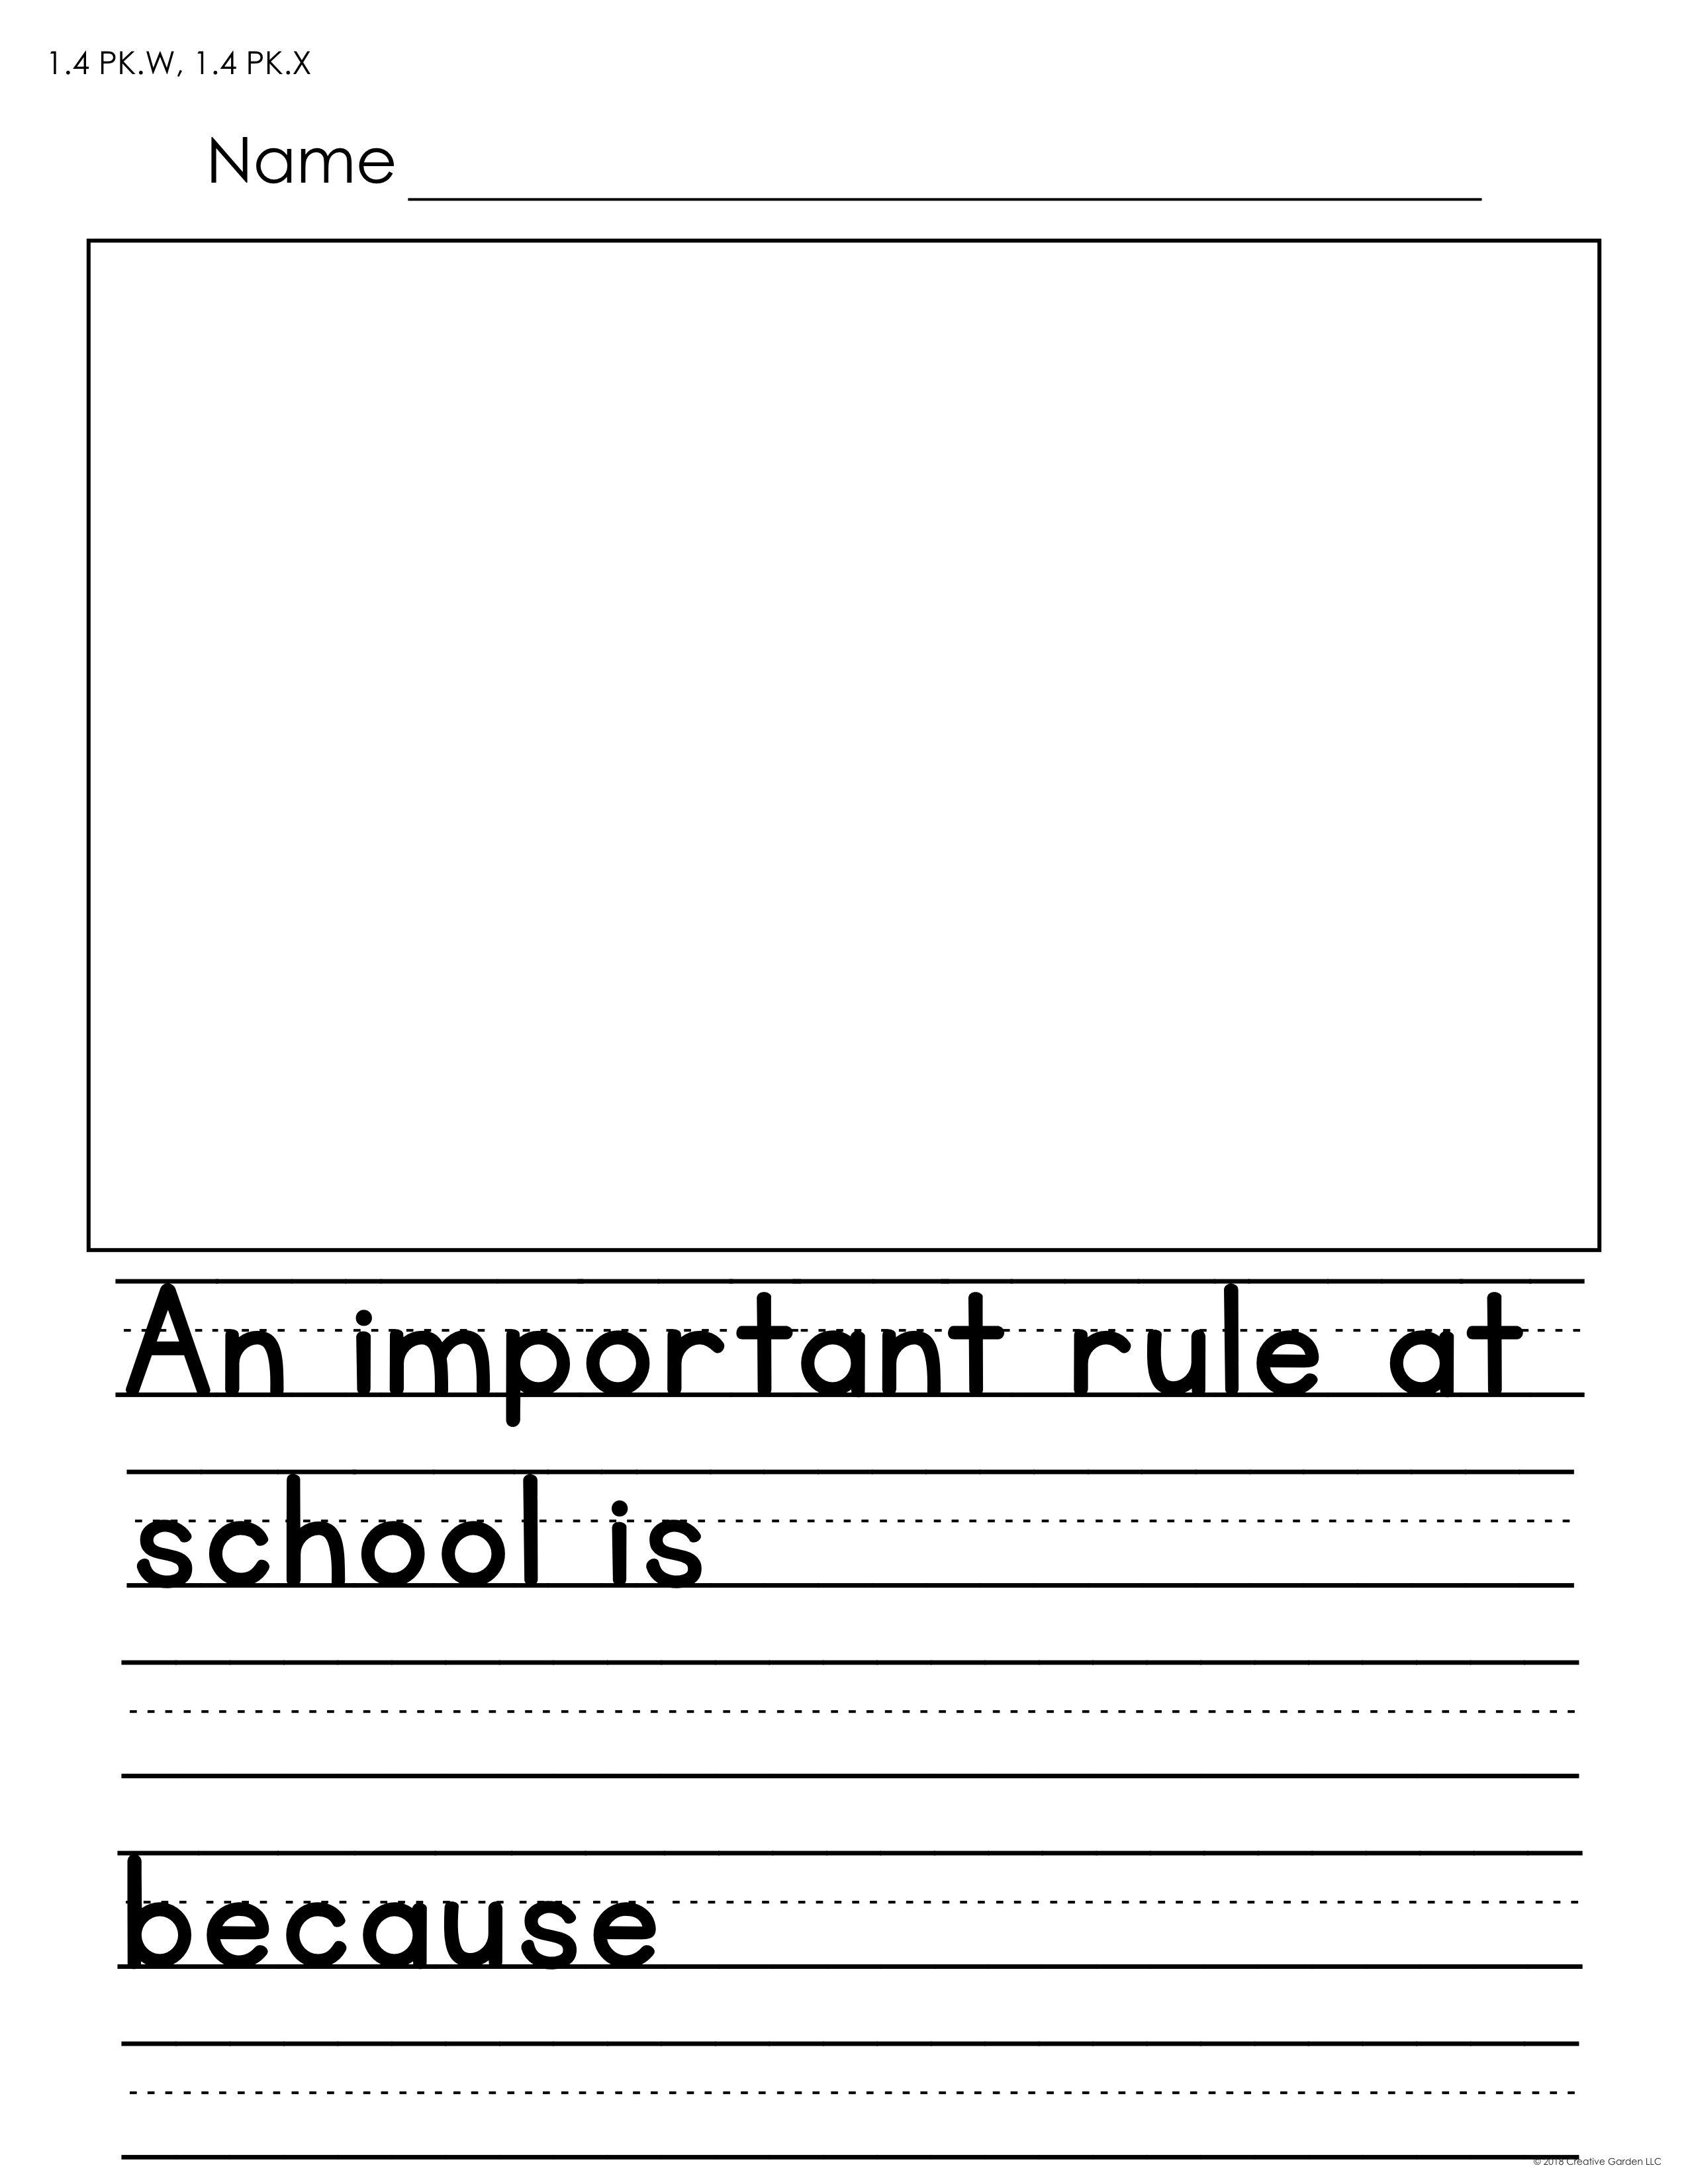 Writing Prompts For Preschool And Kindergarten Writing Prompts Writing Standards Prompts [ 3300 x 2550 Pixel ]